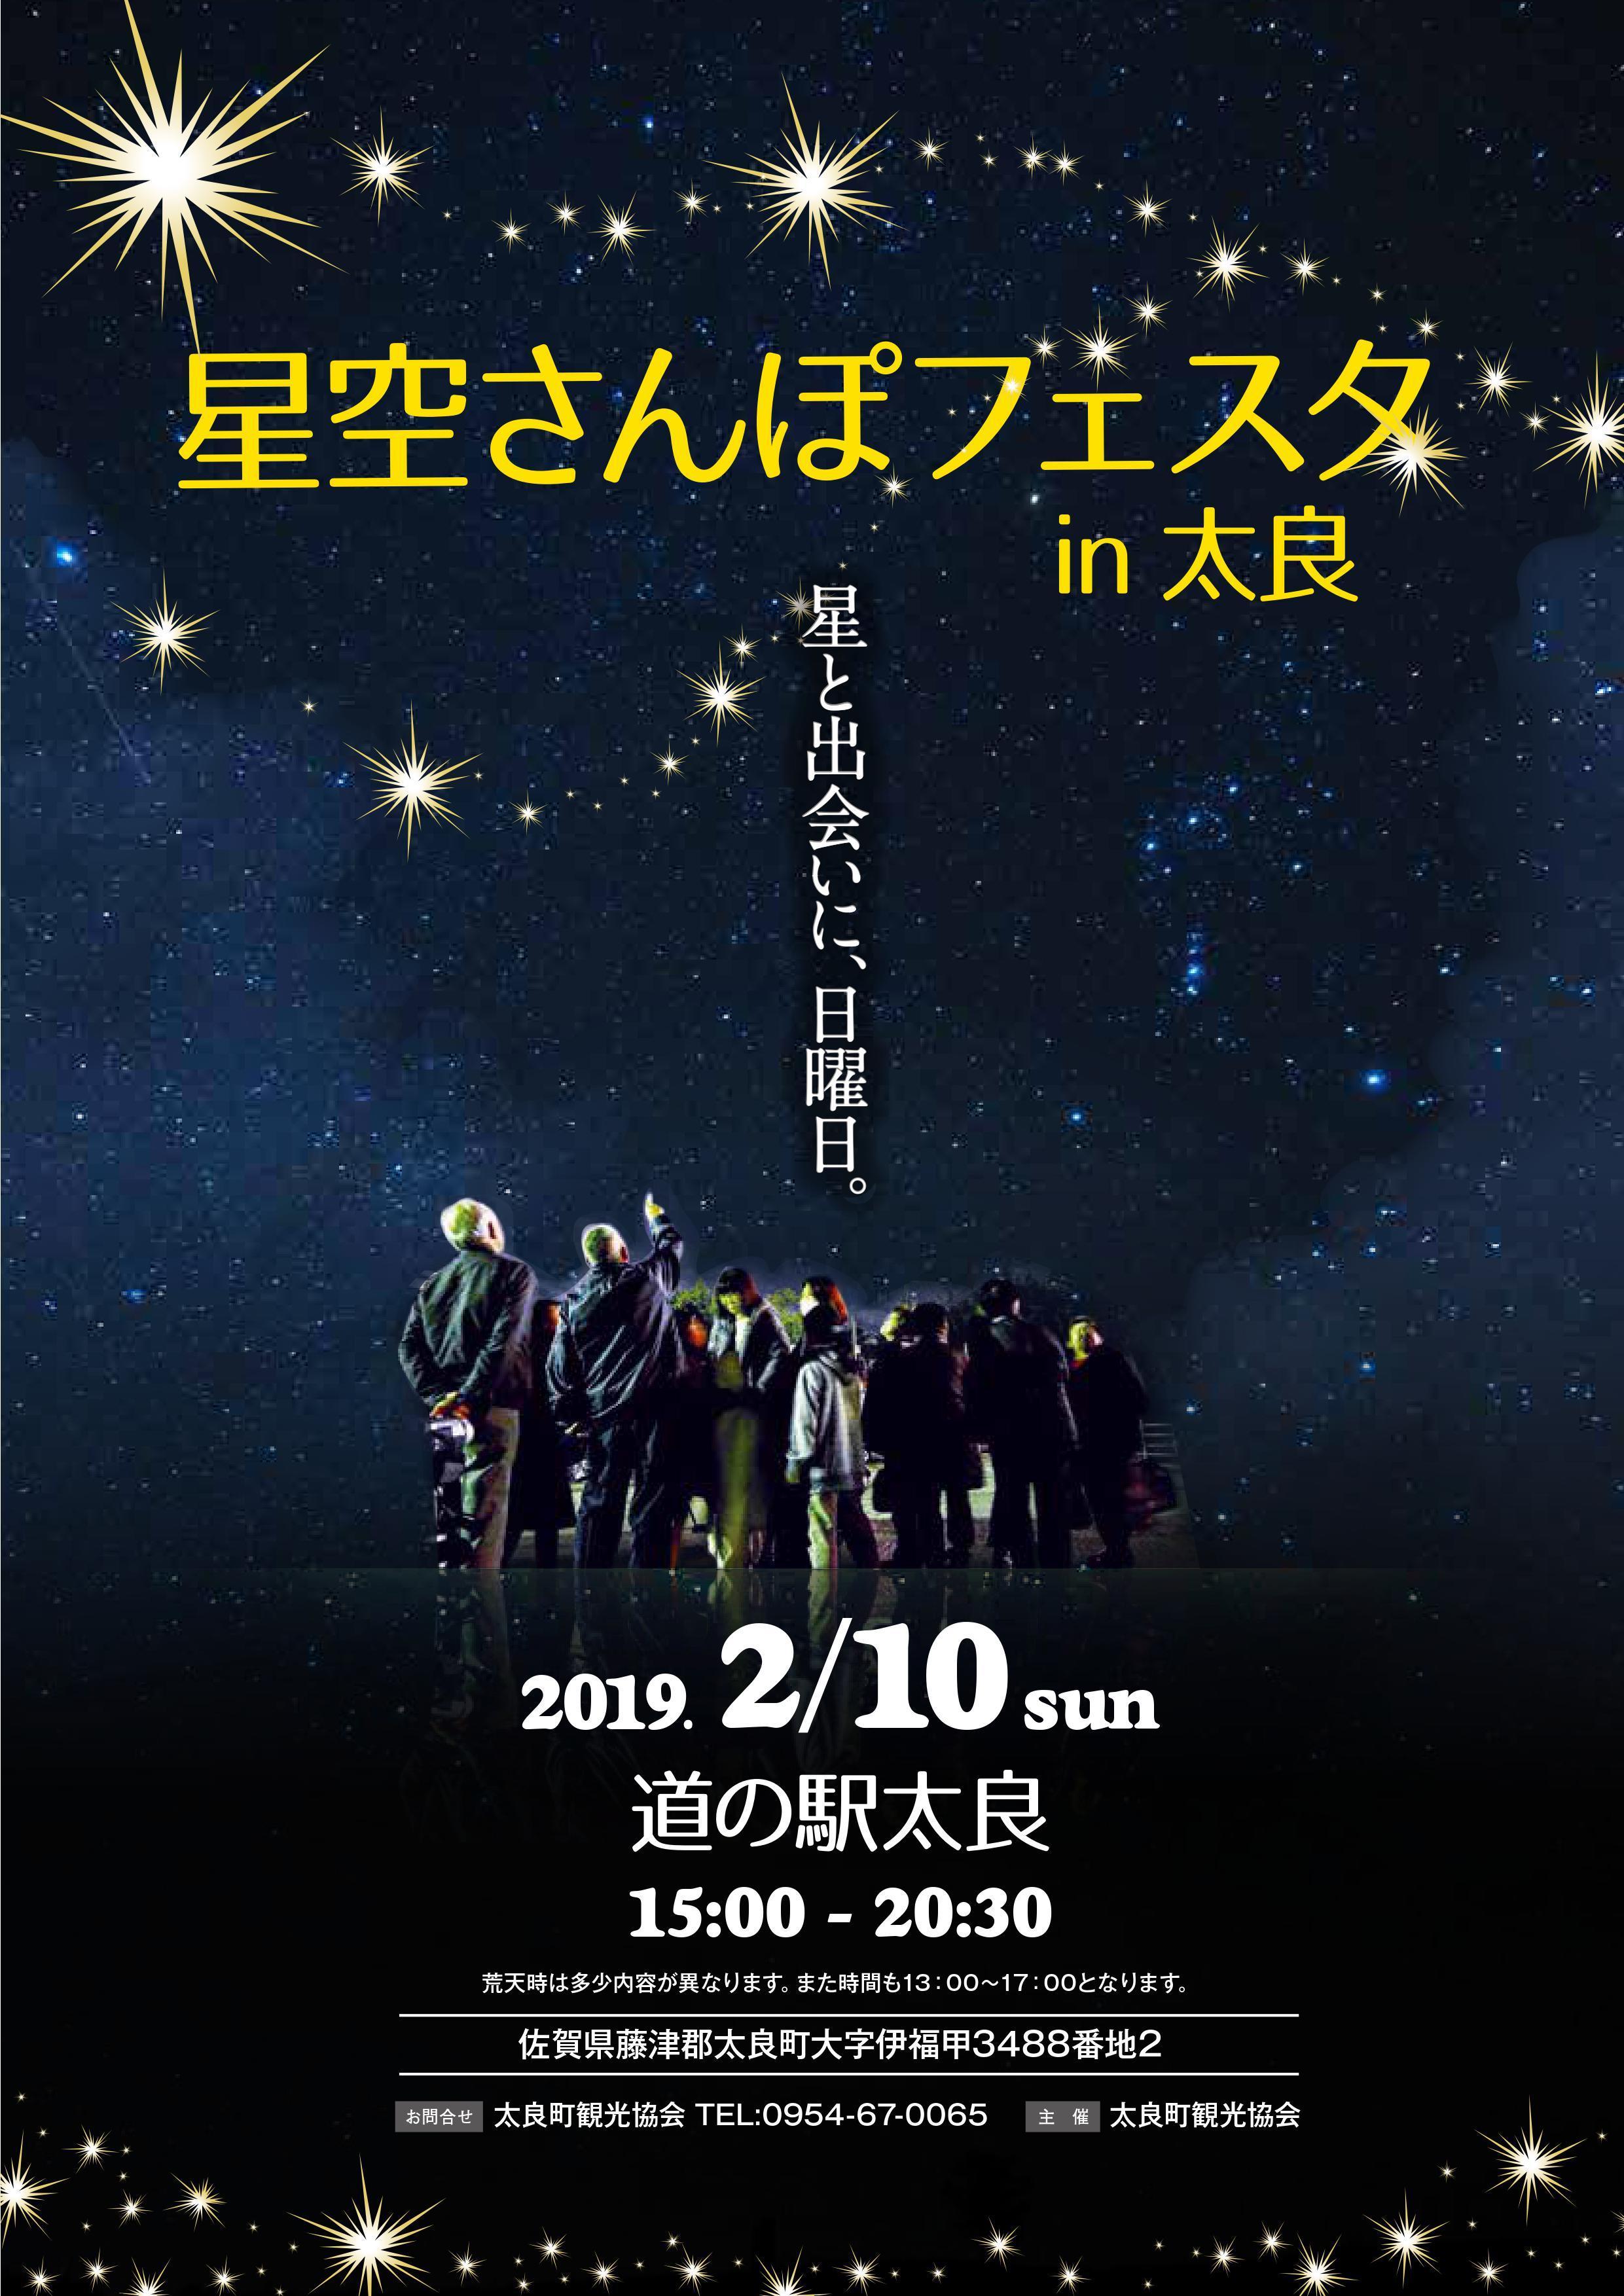 星空さんぽフェスタ_h31_チラシ_表.jpg